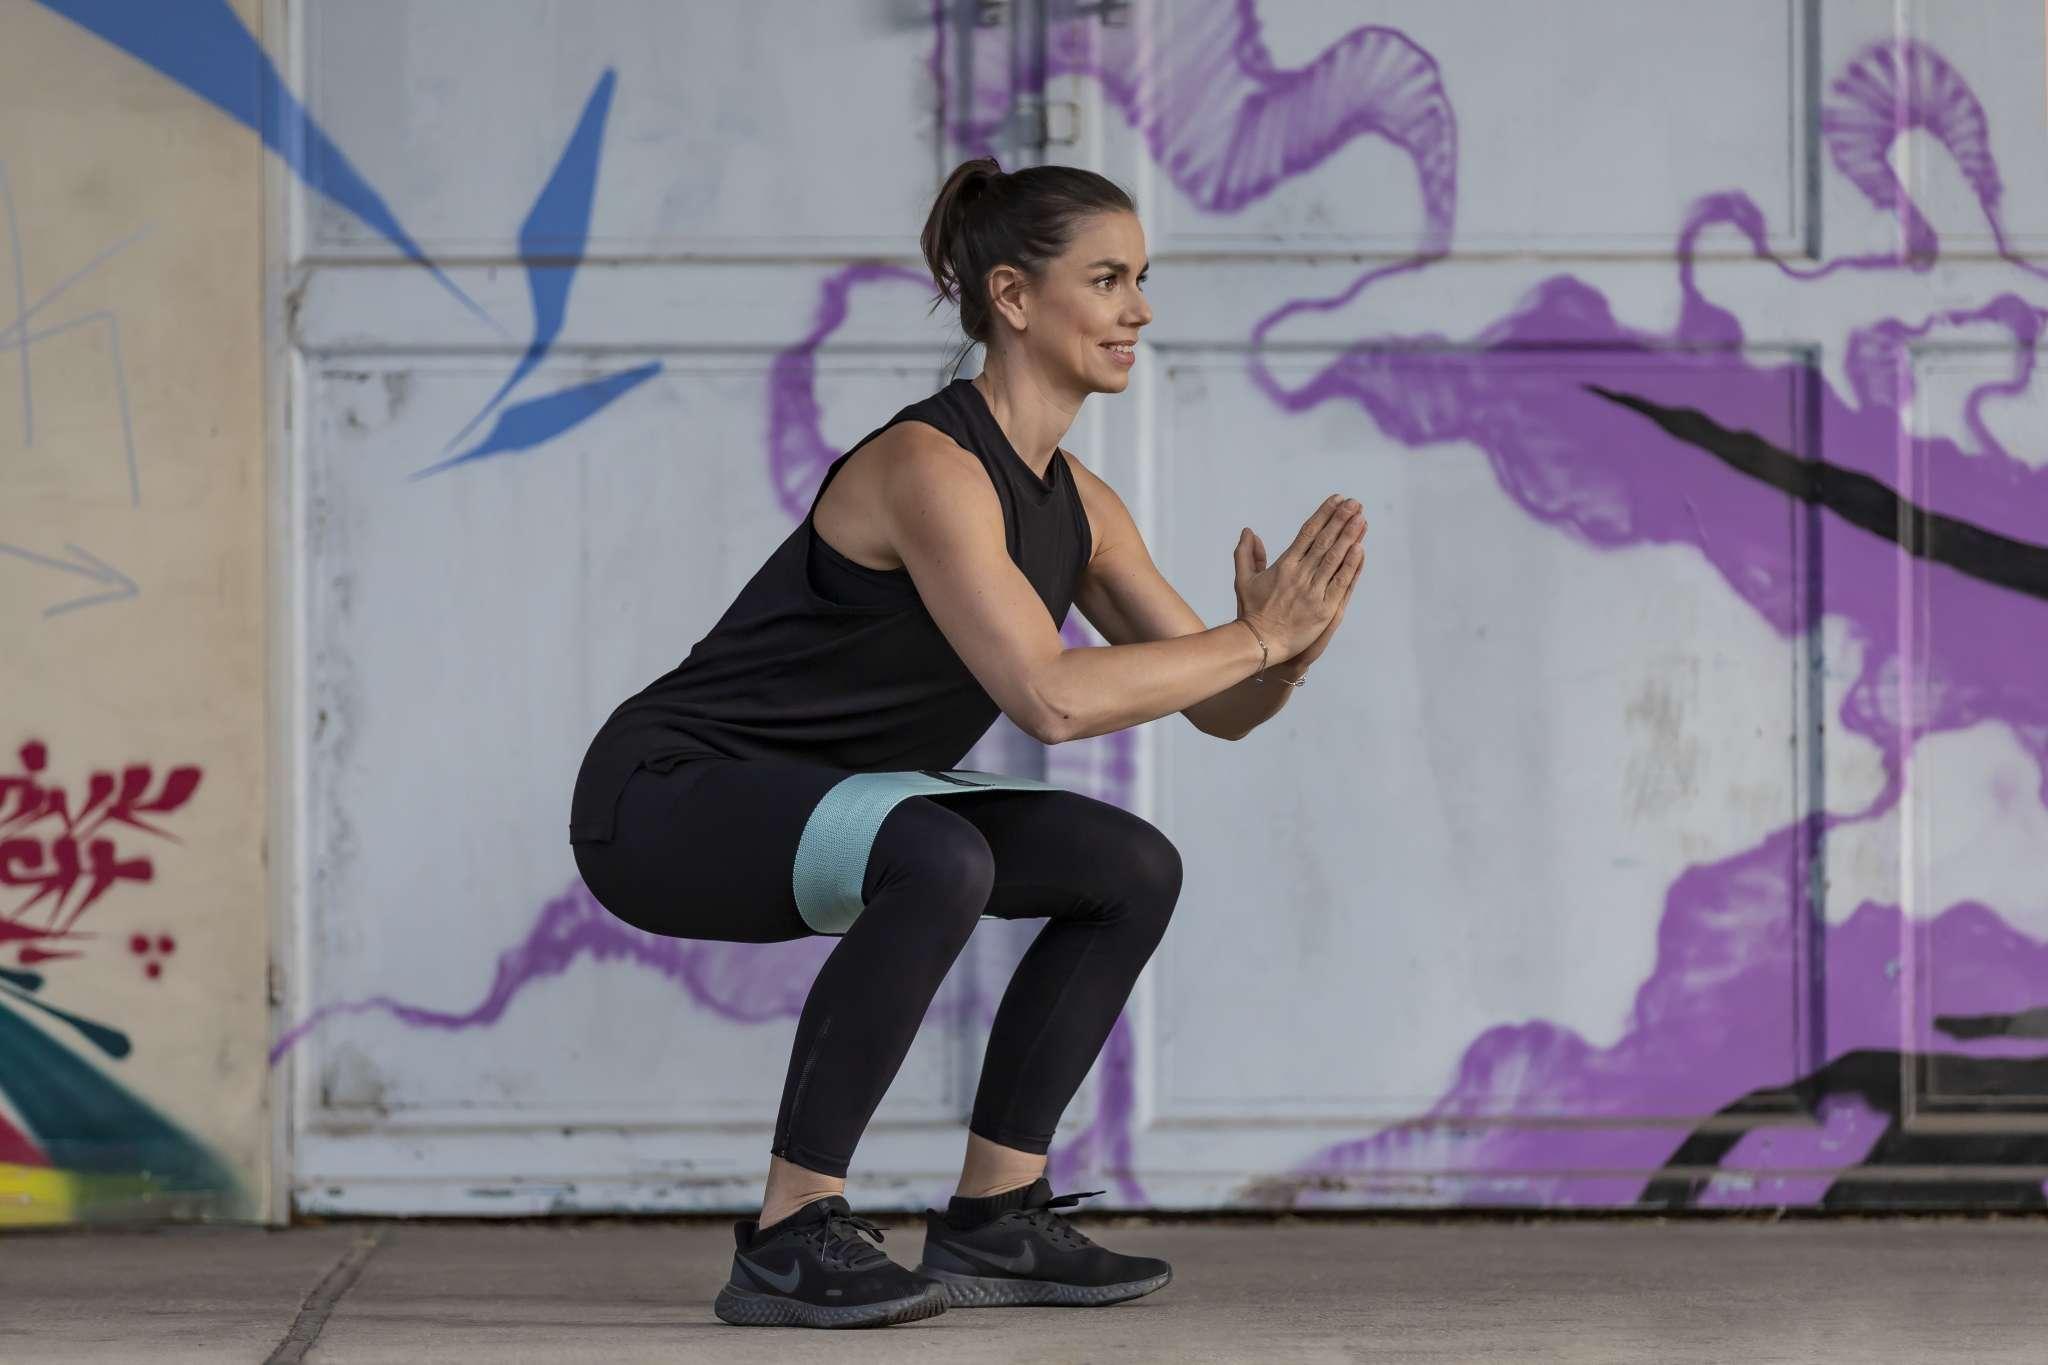 Training mit Minibands, Kniebeuge mit Minibands